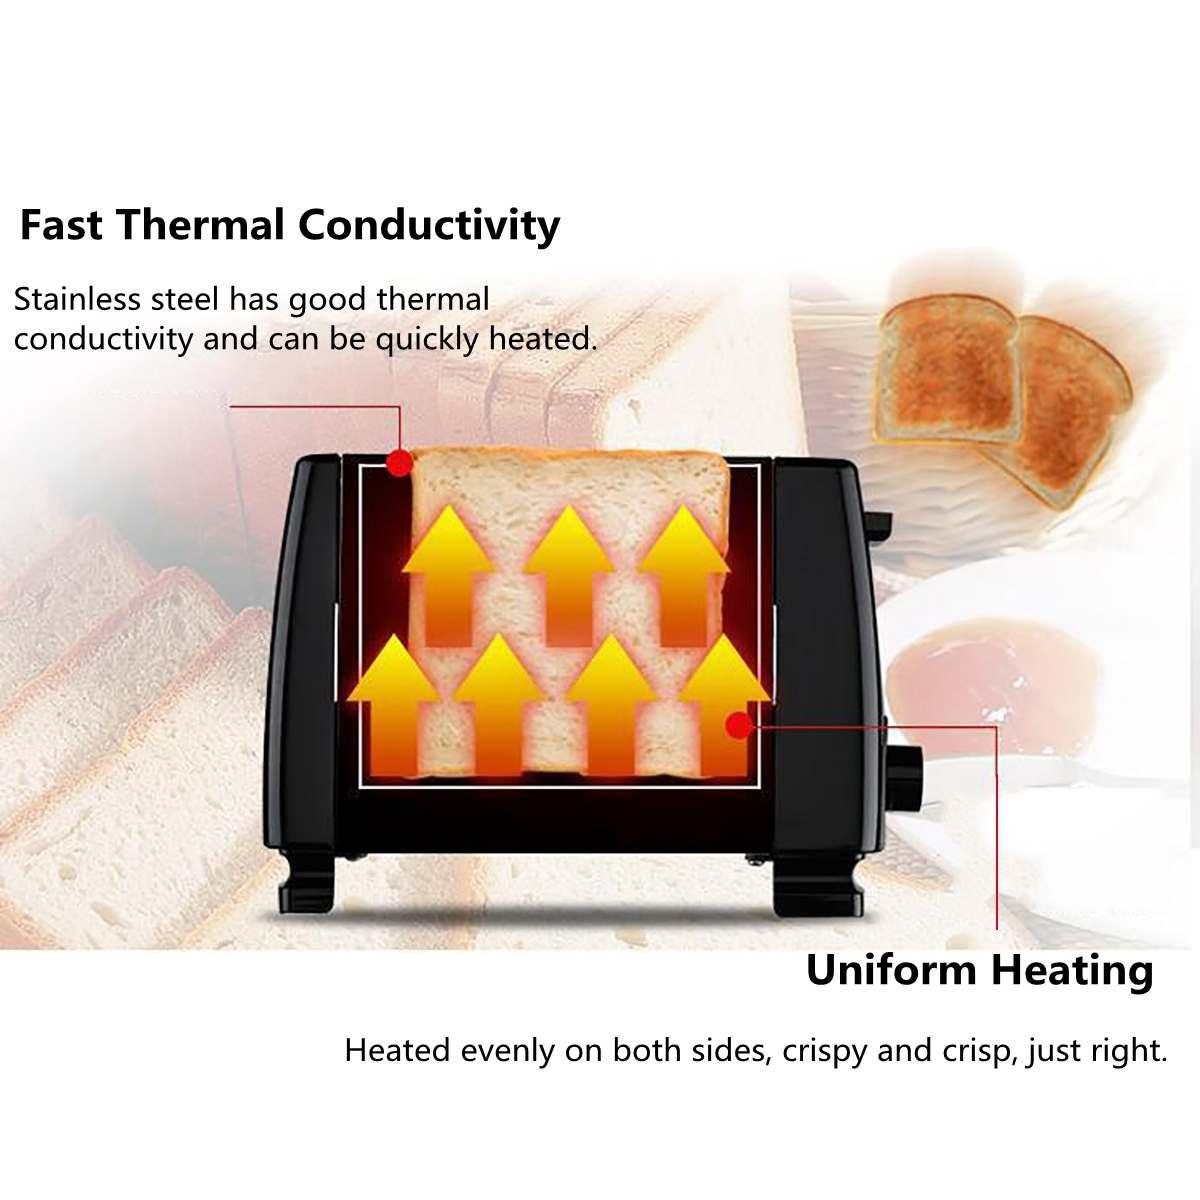 torradeira forno cozimento automático rápido aquecimento pão